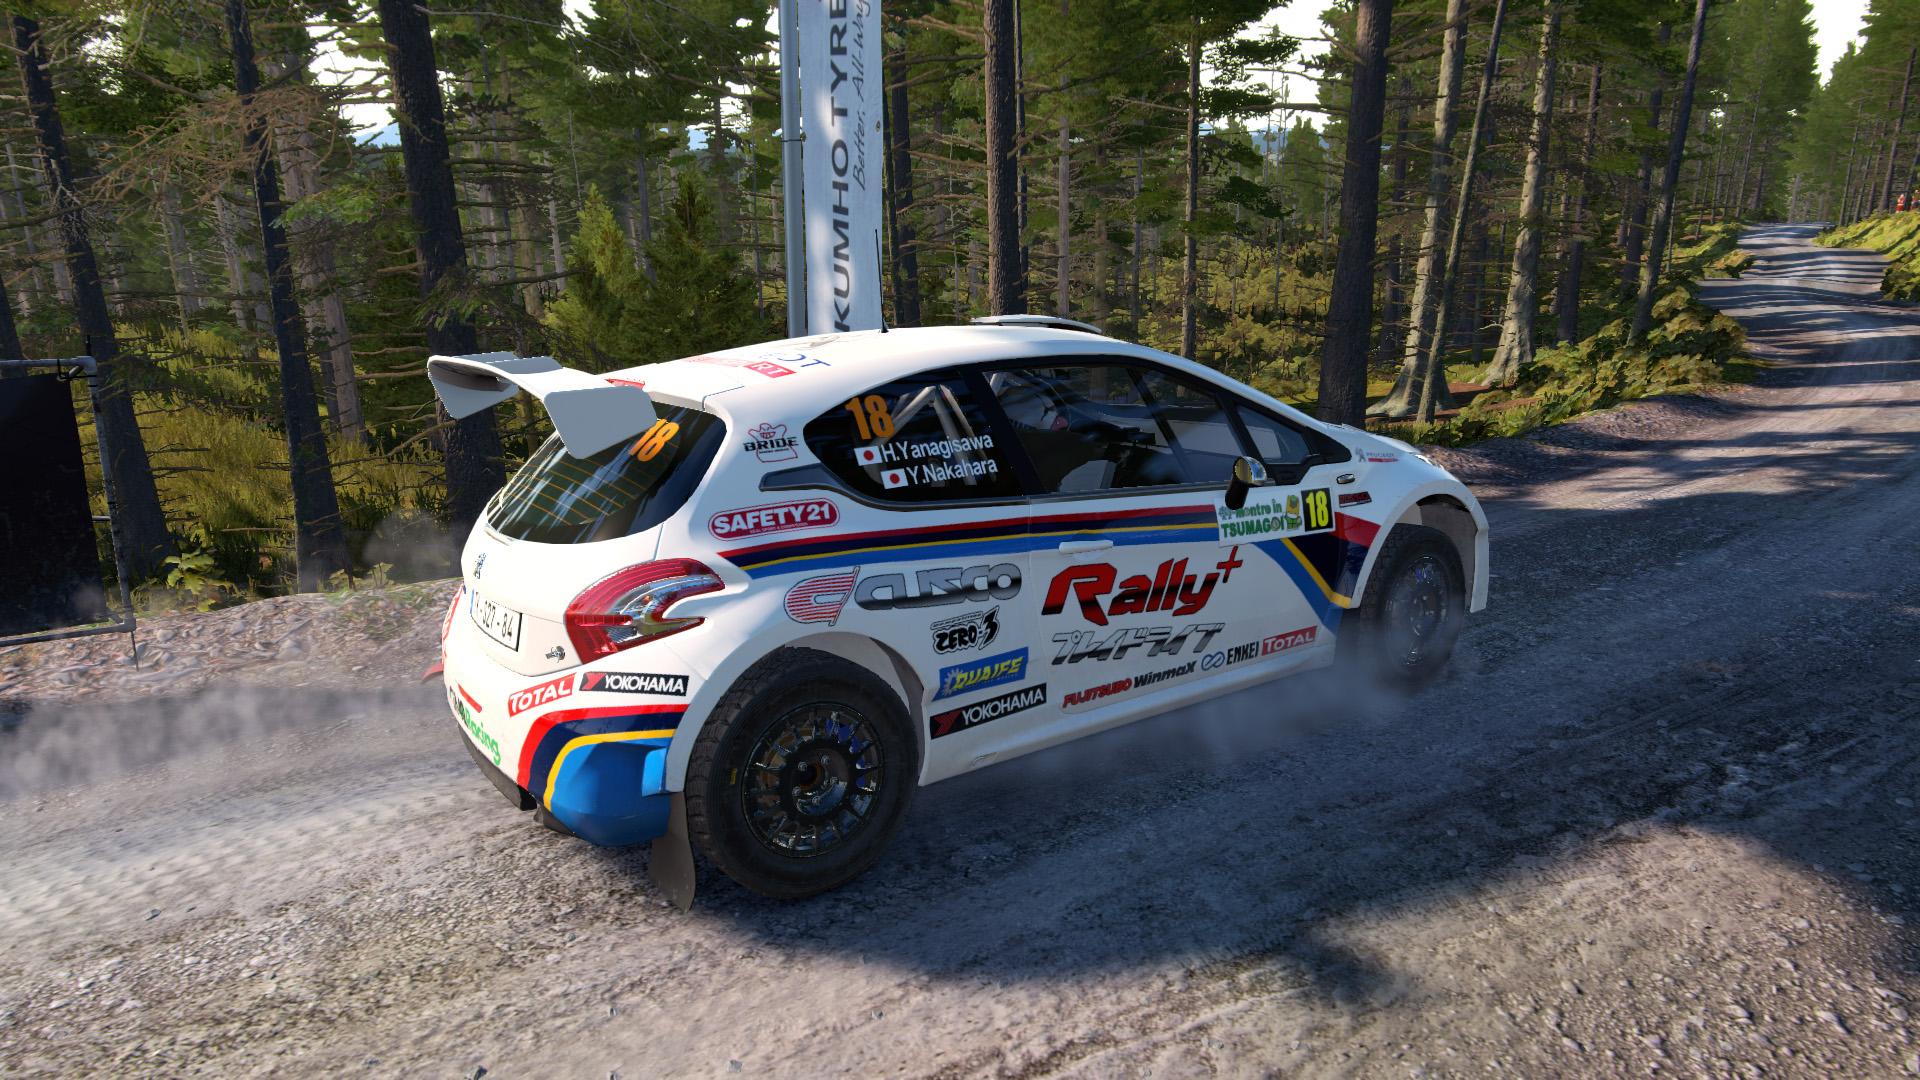 rallyplus_cusco_RT_2015_03.jpg